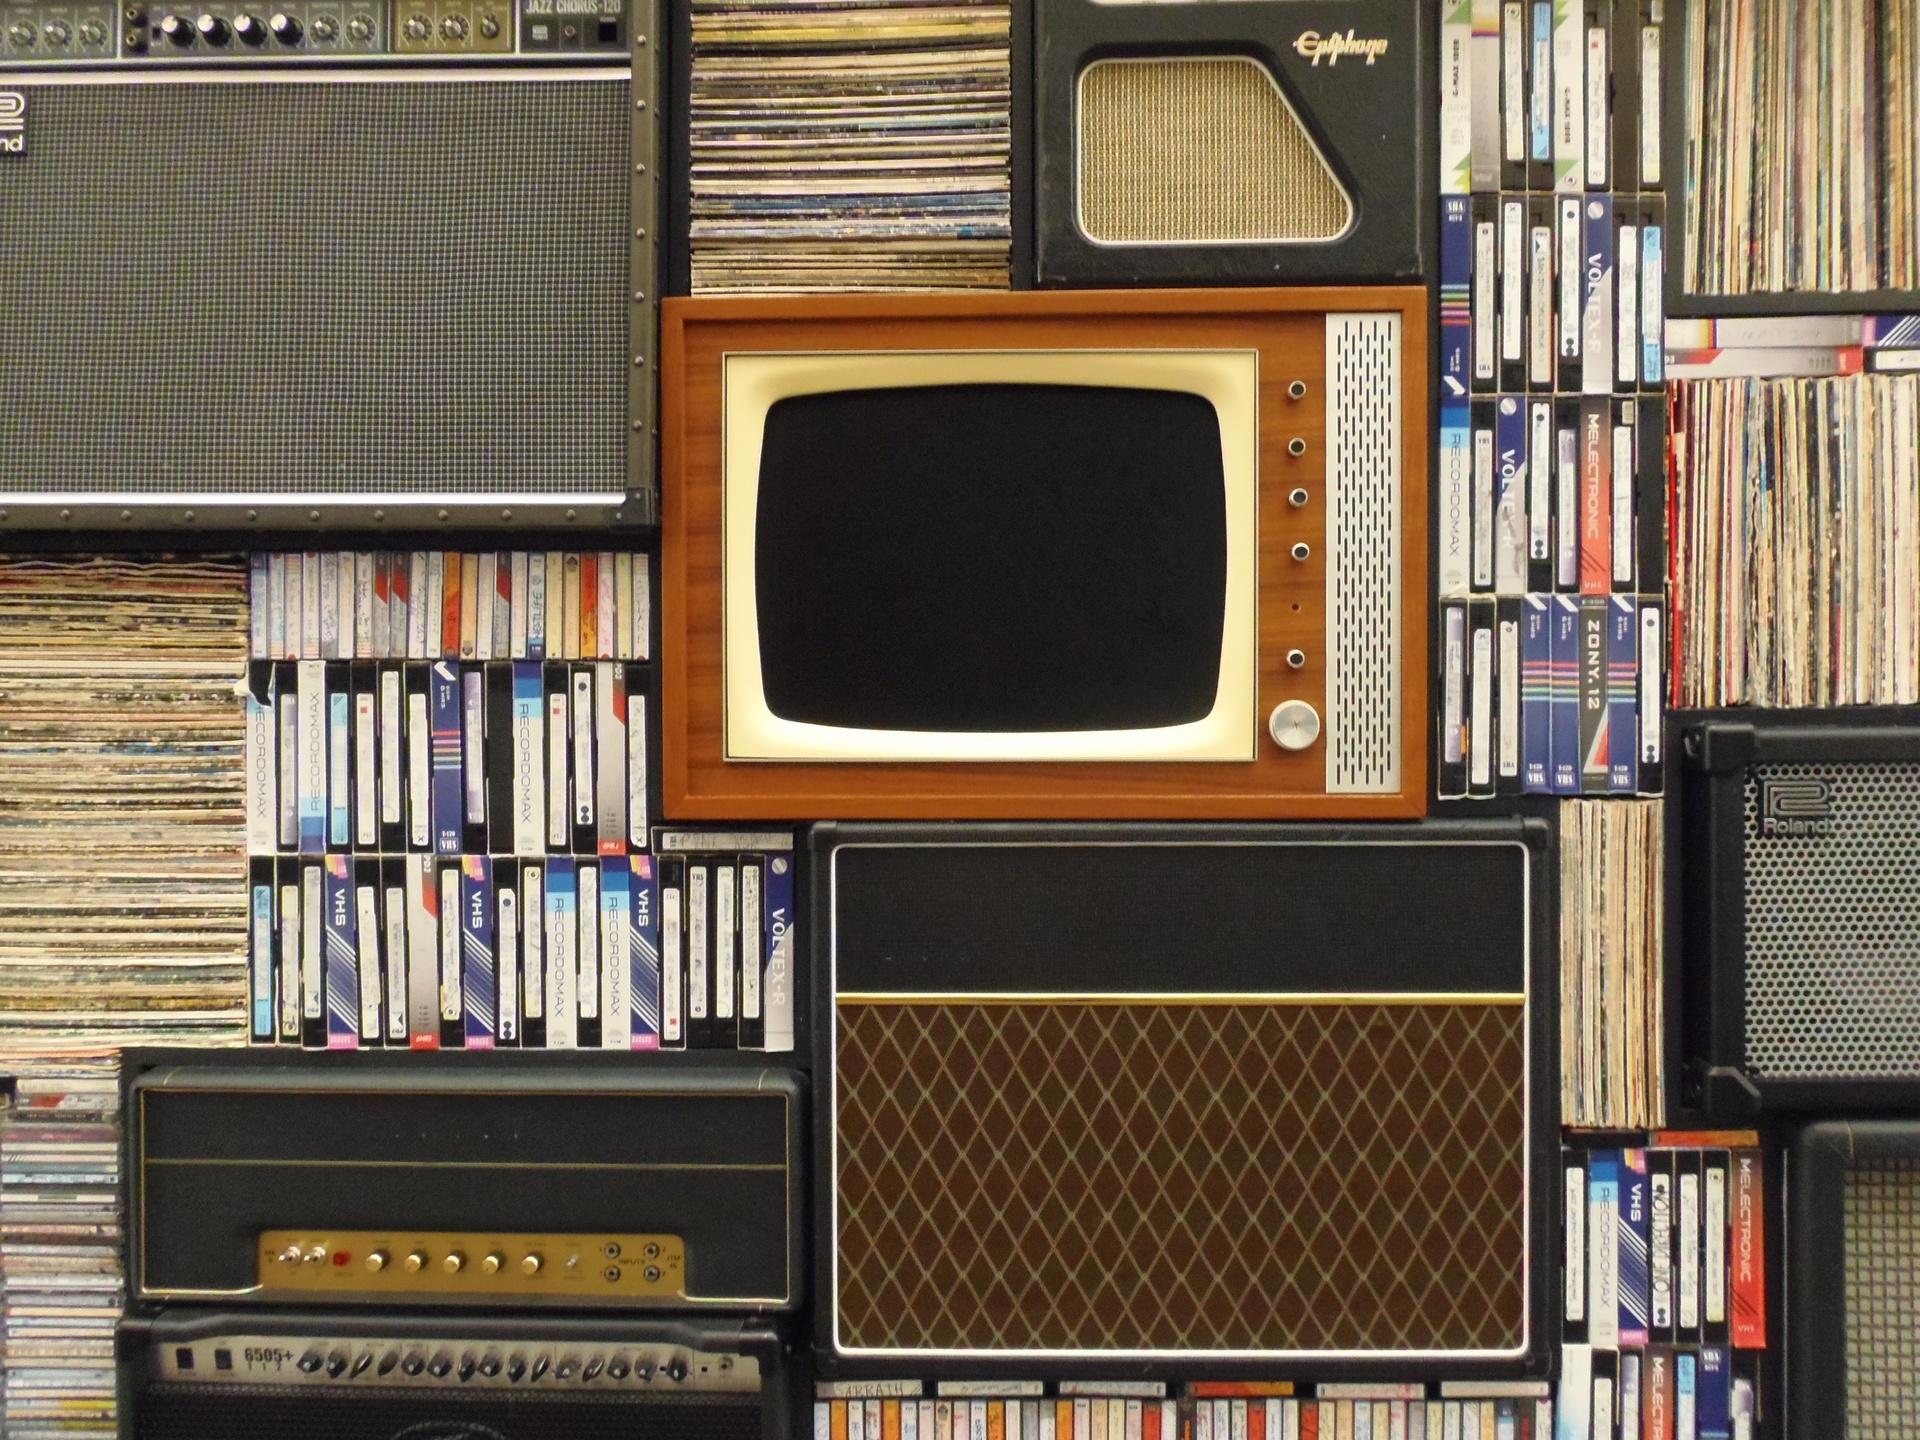 Ретро ТВ / старый телевизор